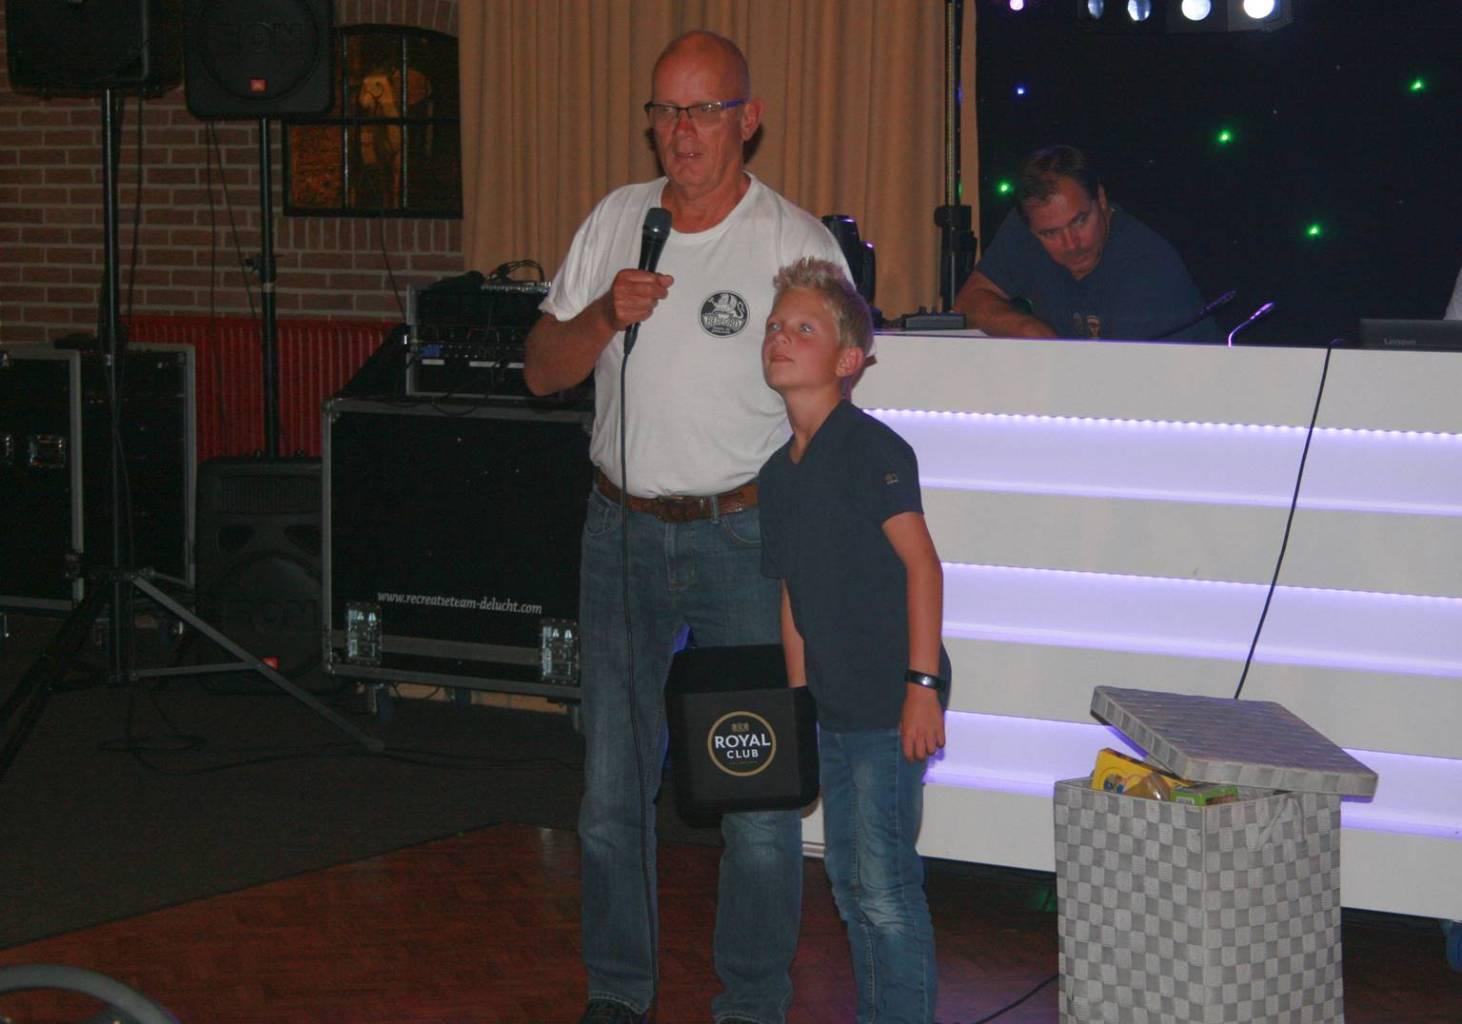 bedford-belangen-club-2018-2-120